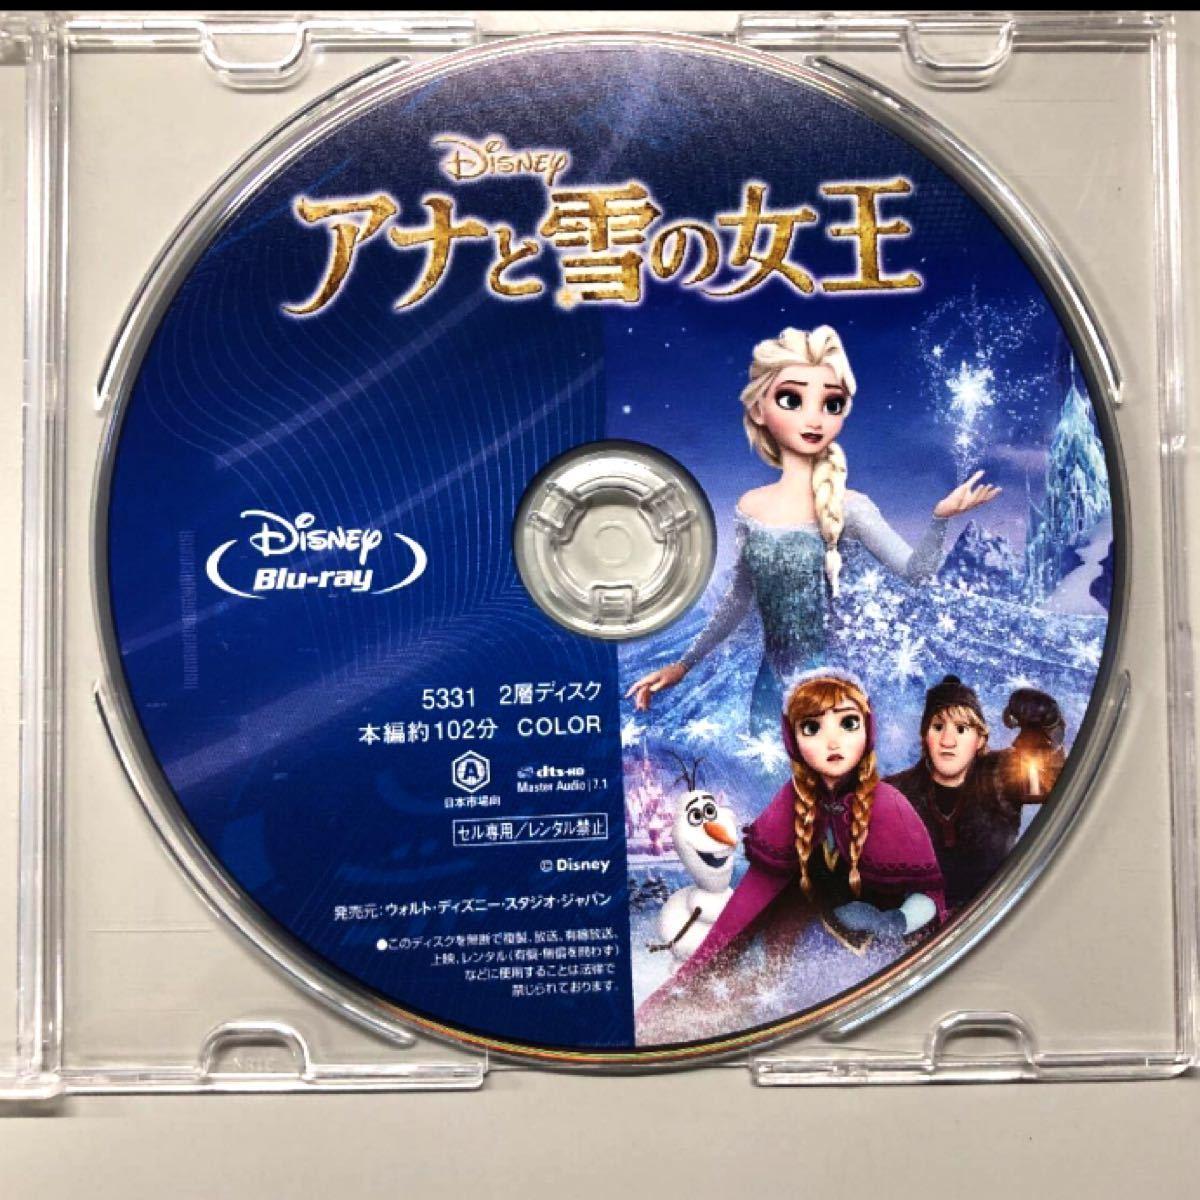 アナと雪の女王 1作目、2作目ブルーレイセット